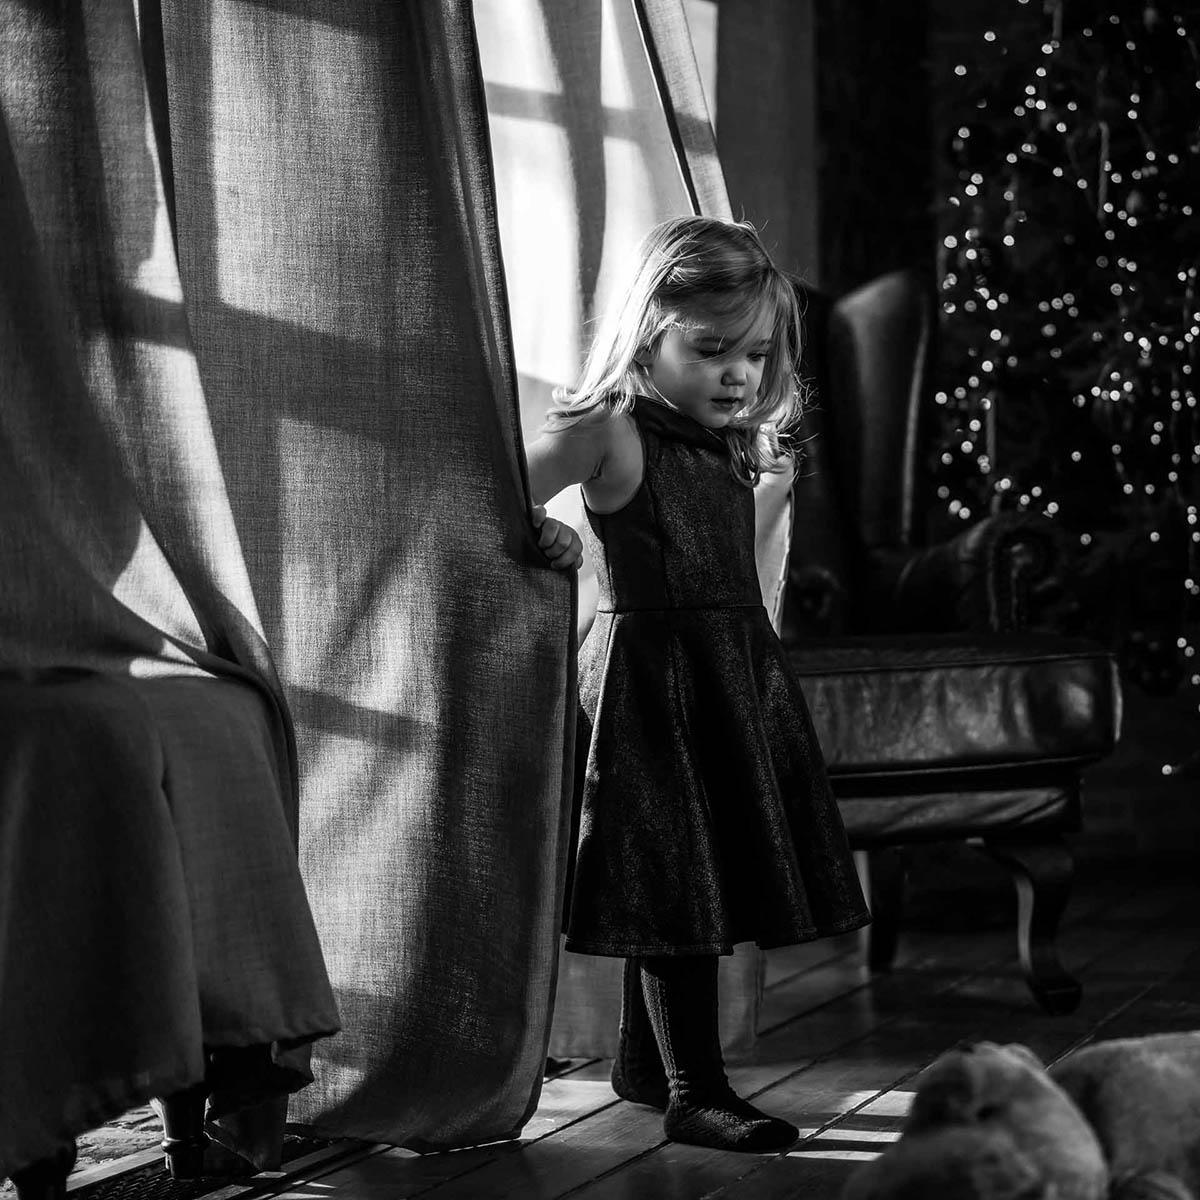 karácsonyi fotózás fekete-fehér